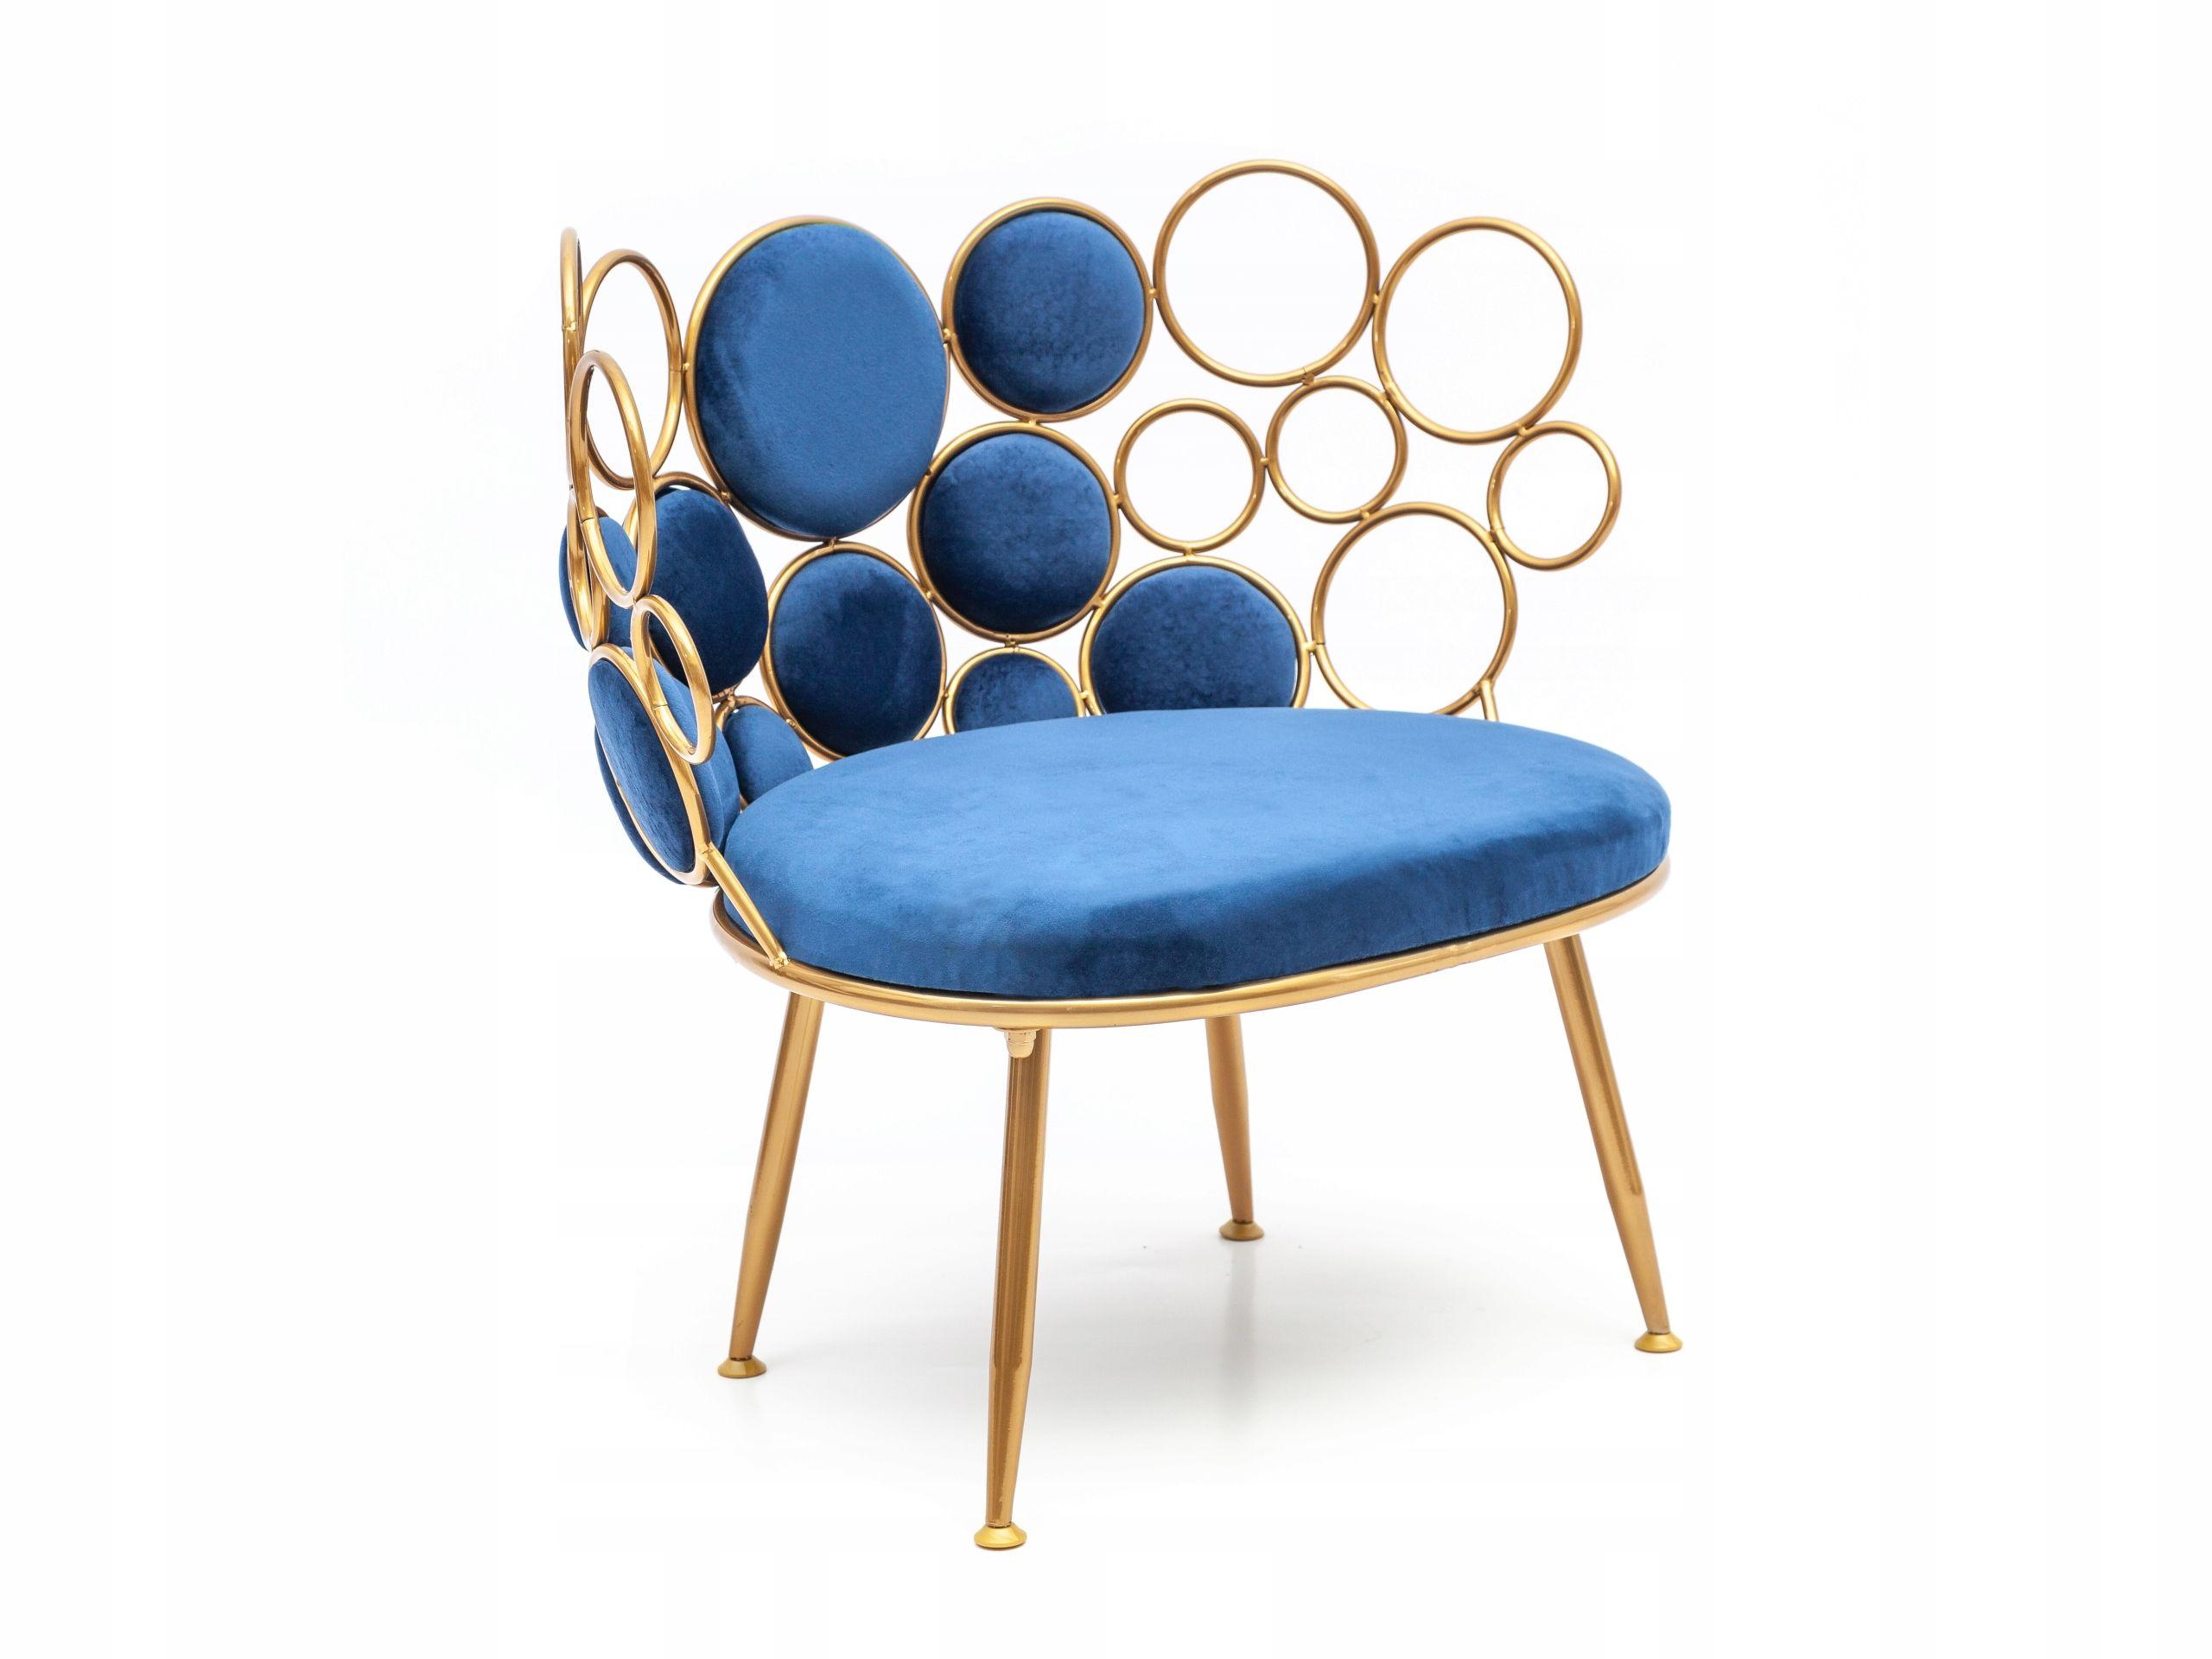 Kup Teraz Na Allegro Pl Za 699 99 Zl Krzeslo Tapicerowane Welurowe Ida Niebieskie Na Allegro Pl Lodz Stan Nowy Radosc Furniture Dining Chairs Chair